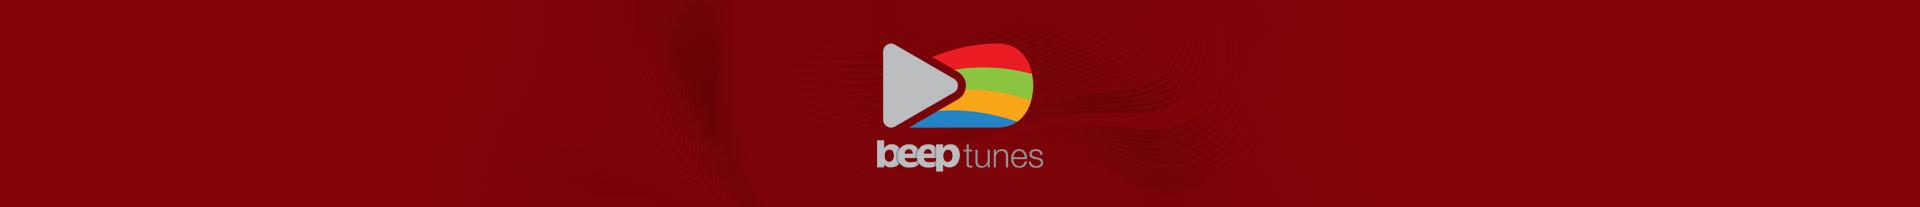 کد تخفیف بیپ تونز مرجع آهنگ